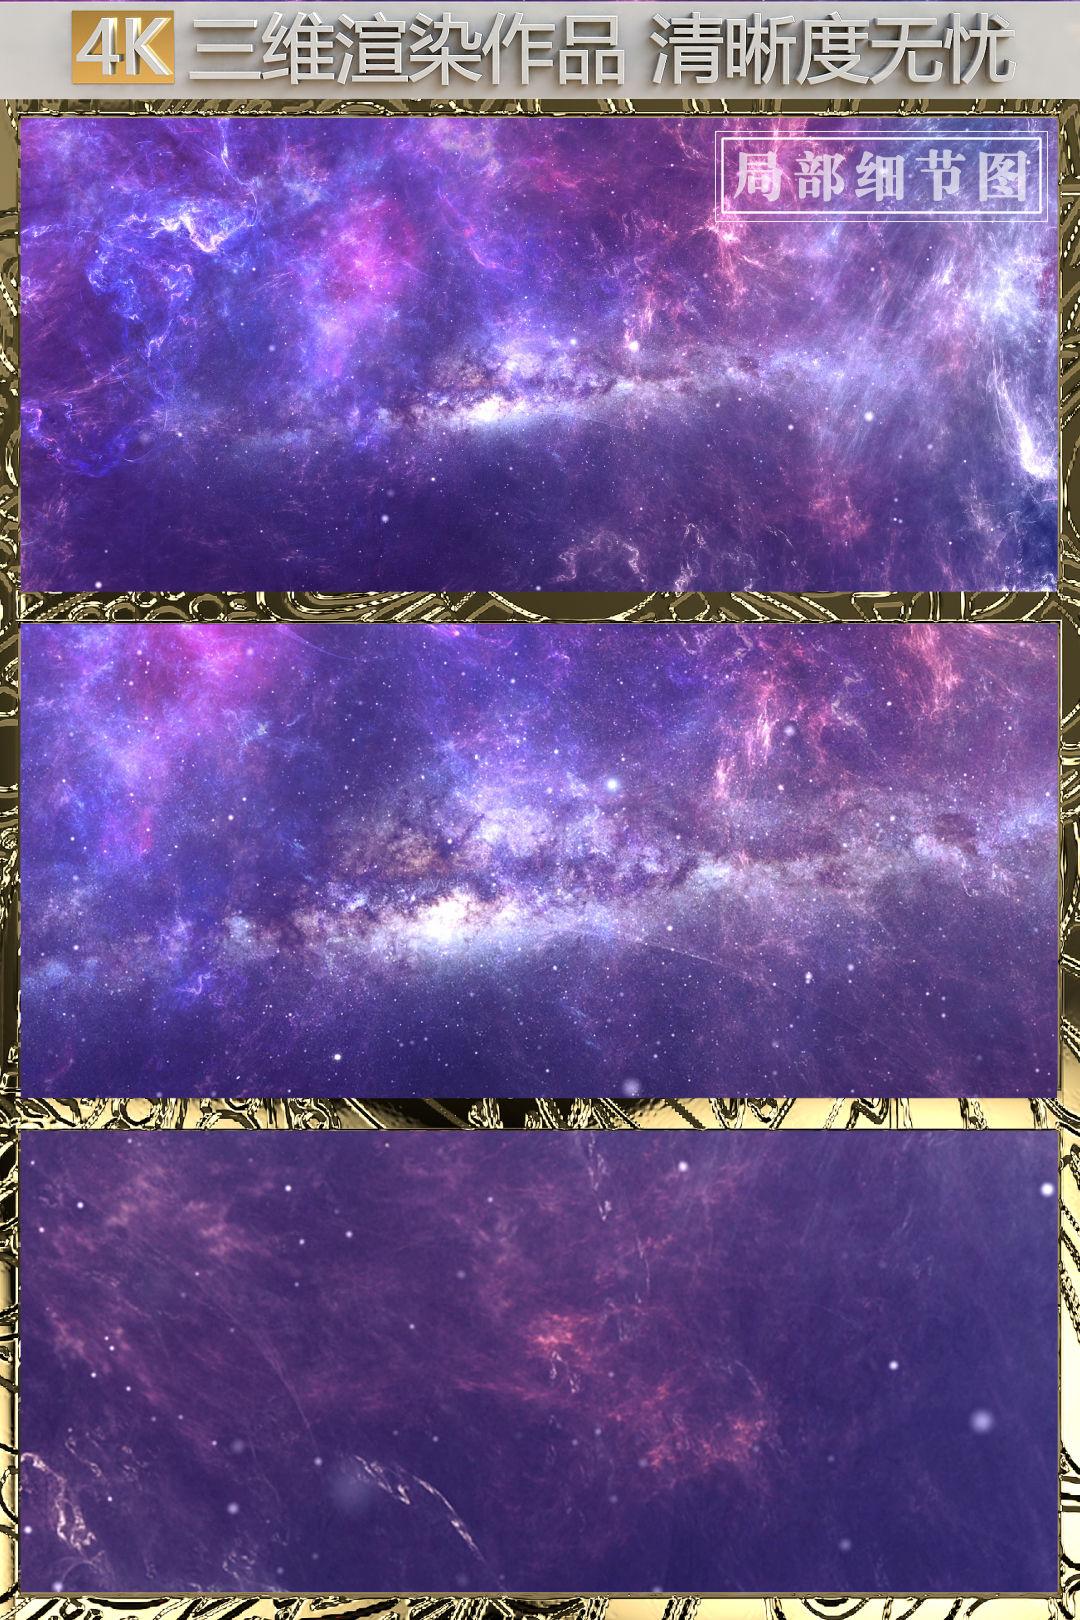 【原创】4K大气震撼宇宙星云穿梭星空